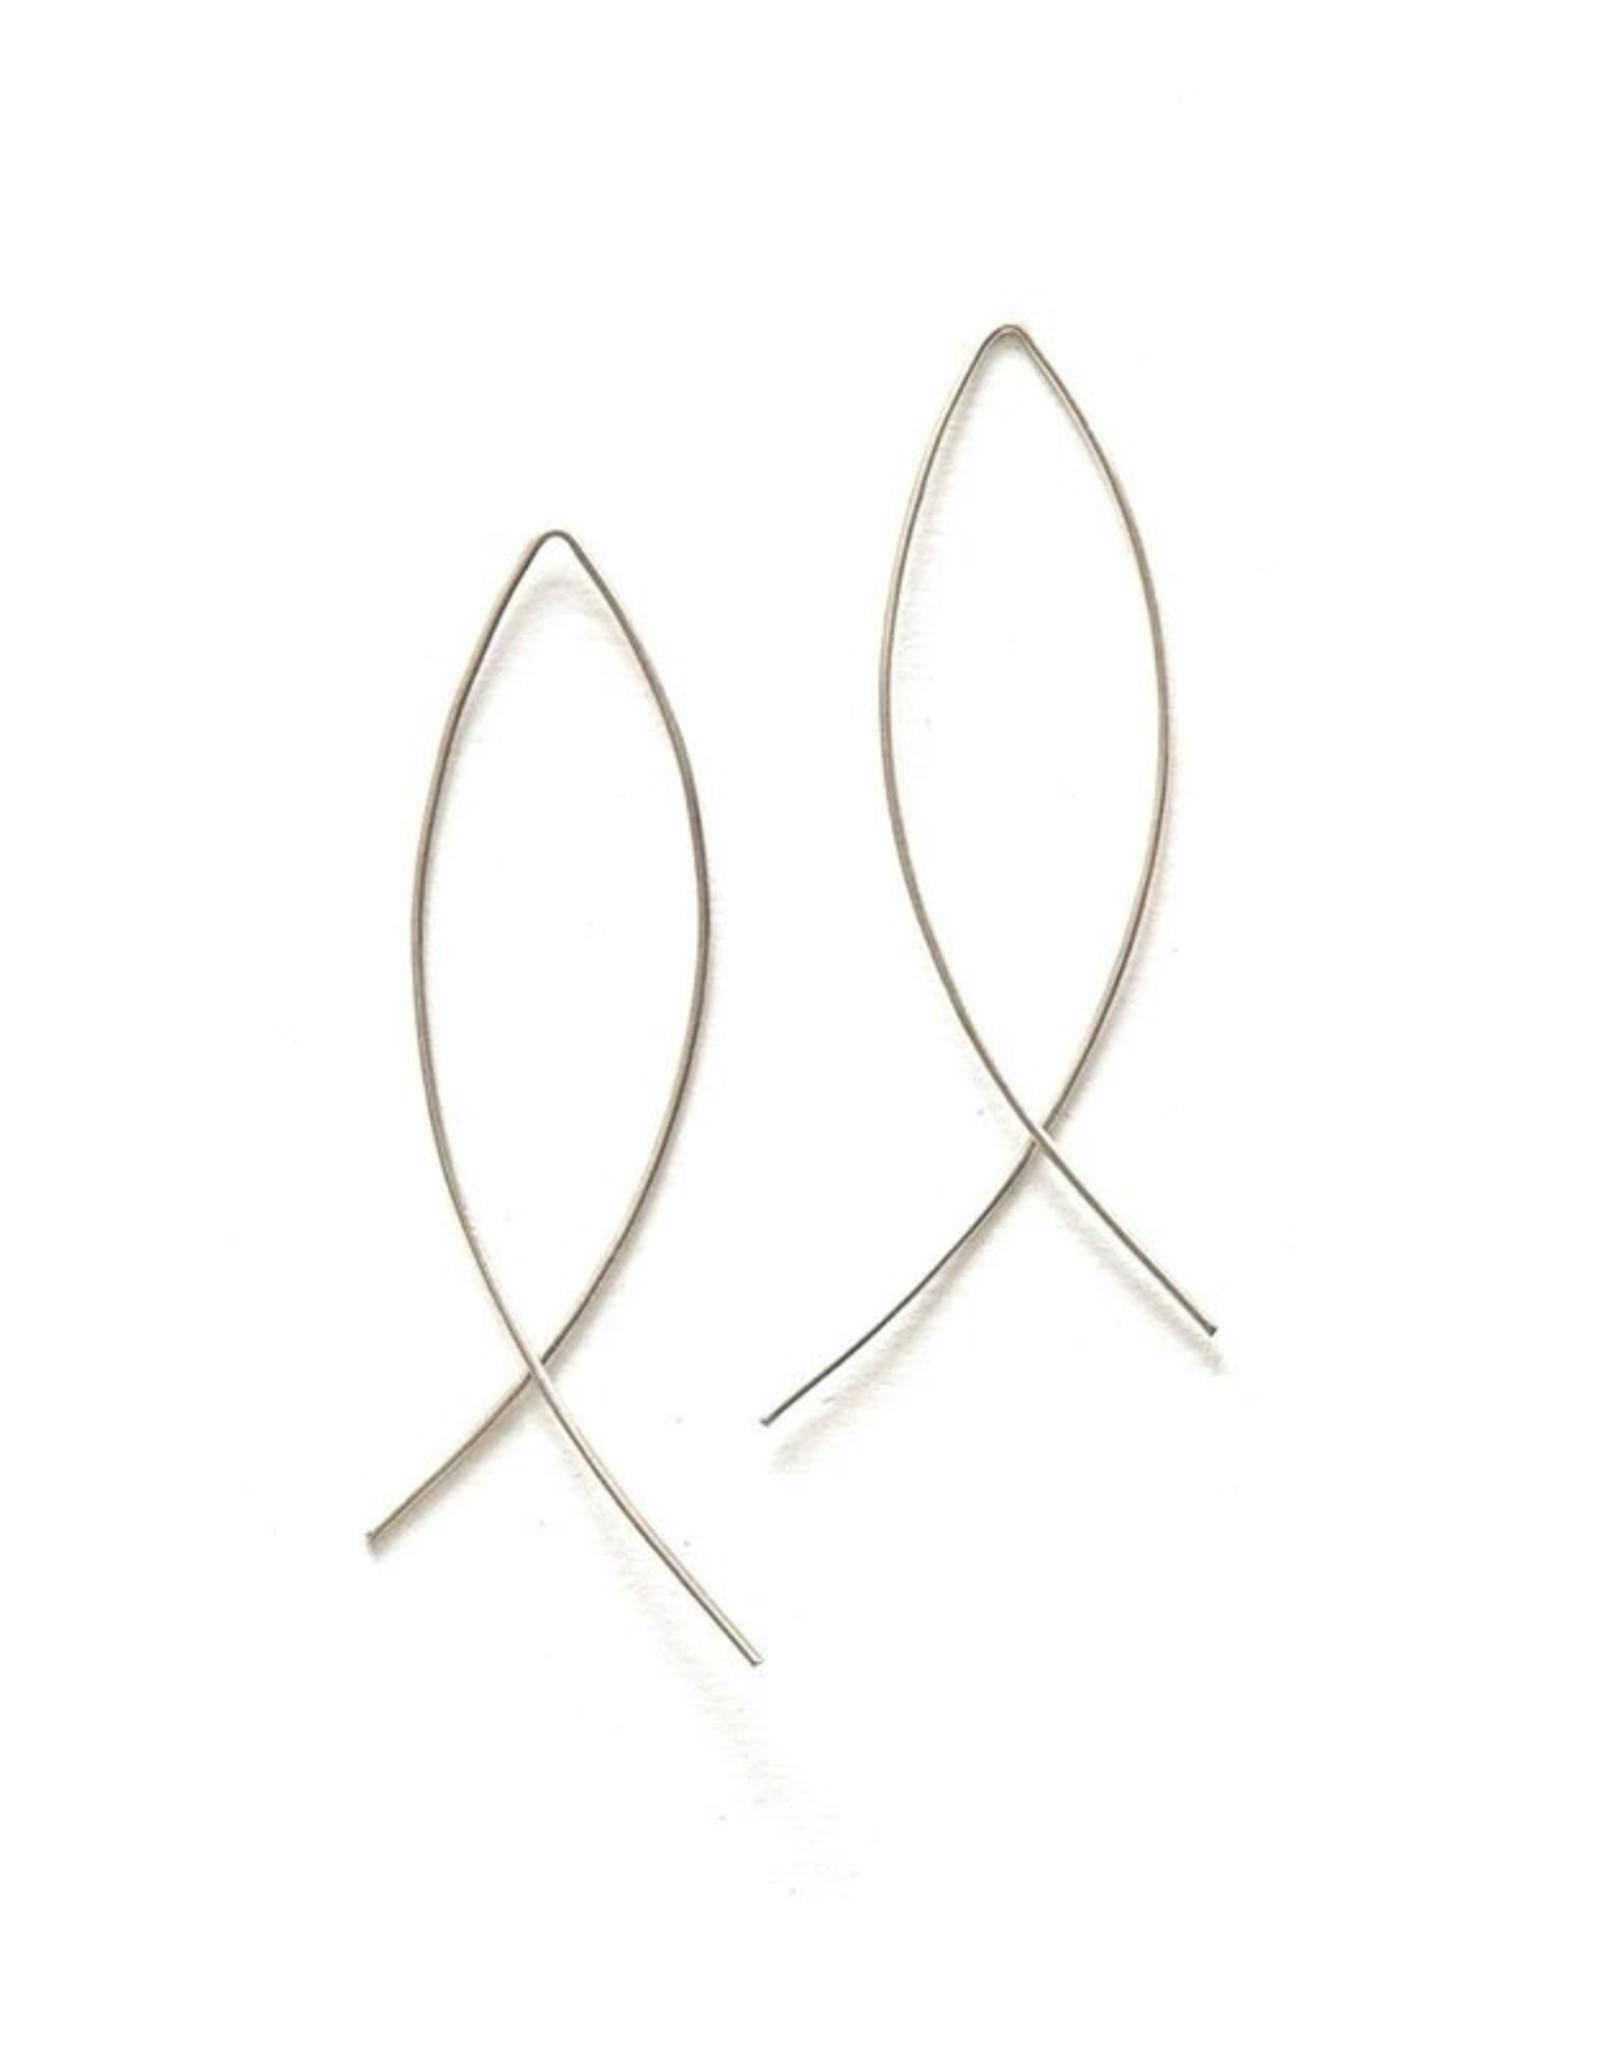 Fair Anita Cambered Sterling Hoop Earrings, India